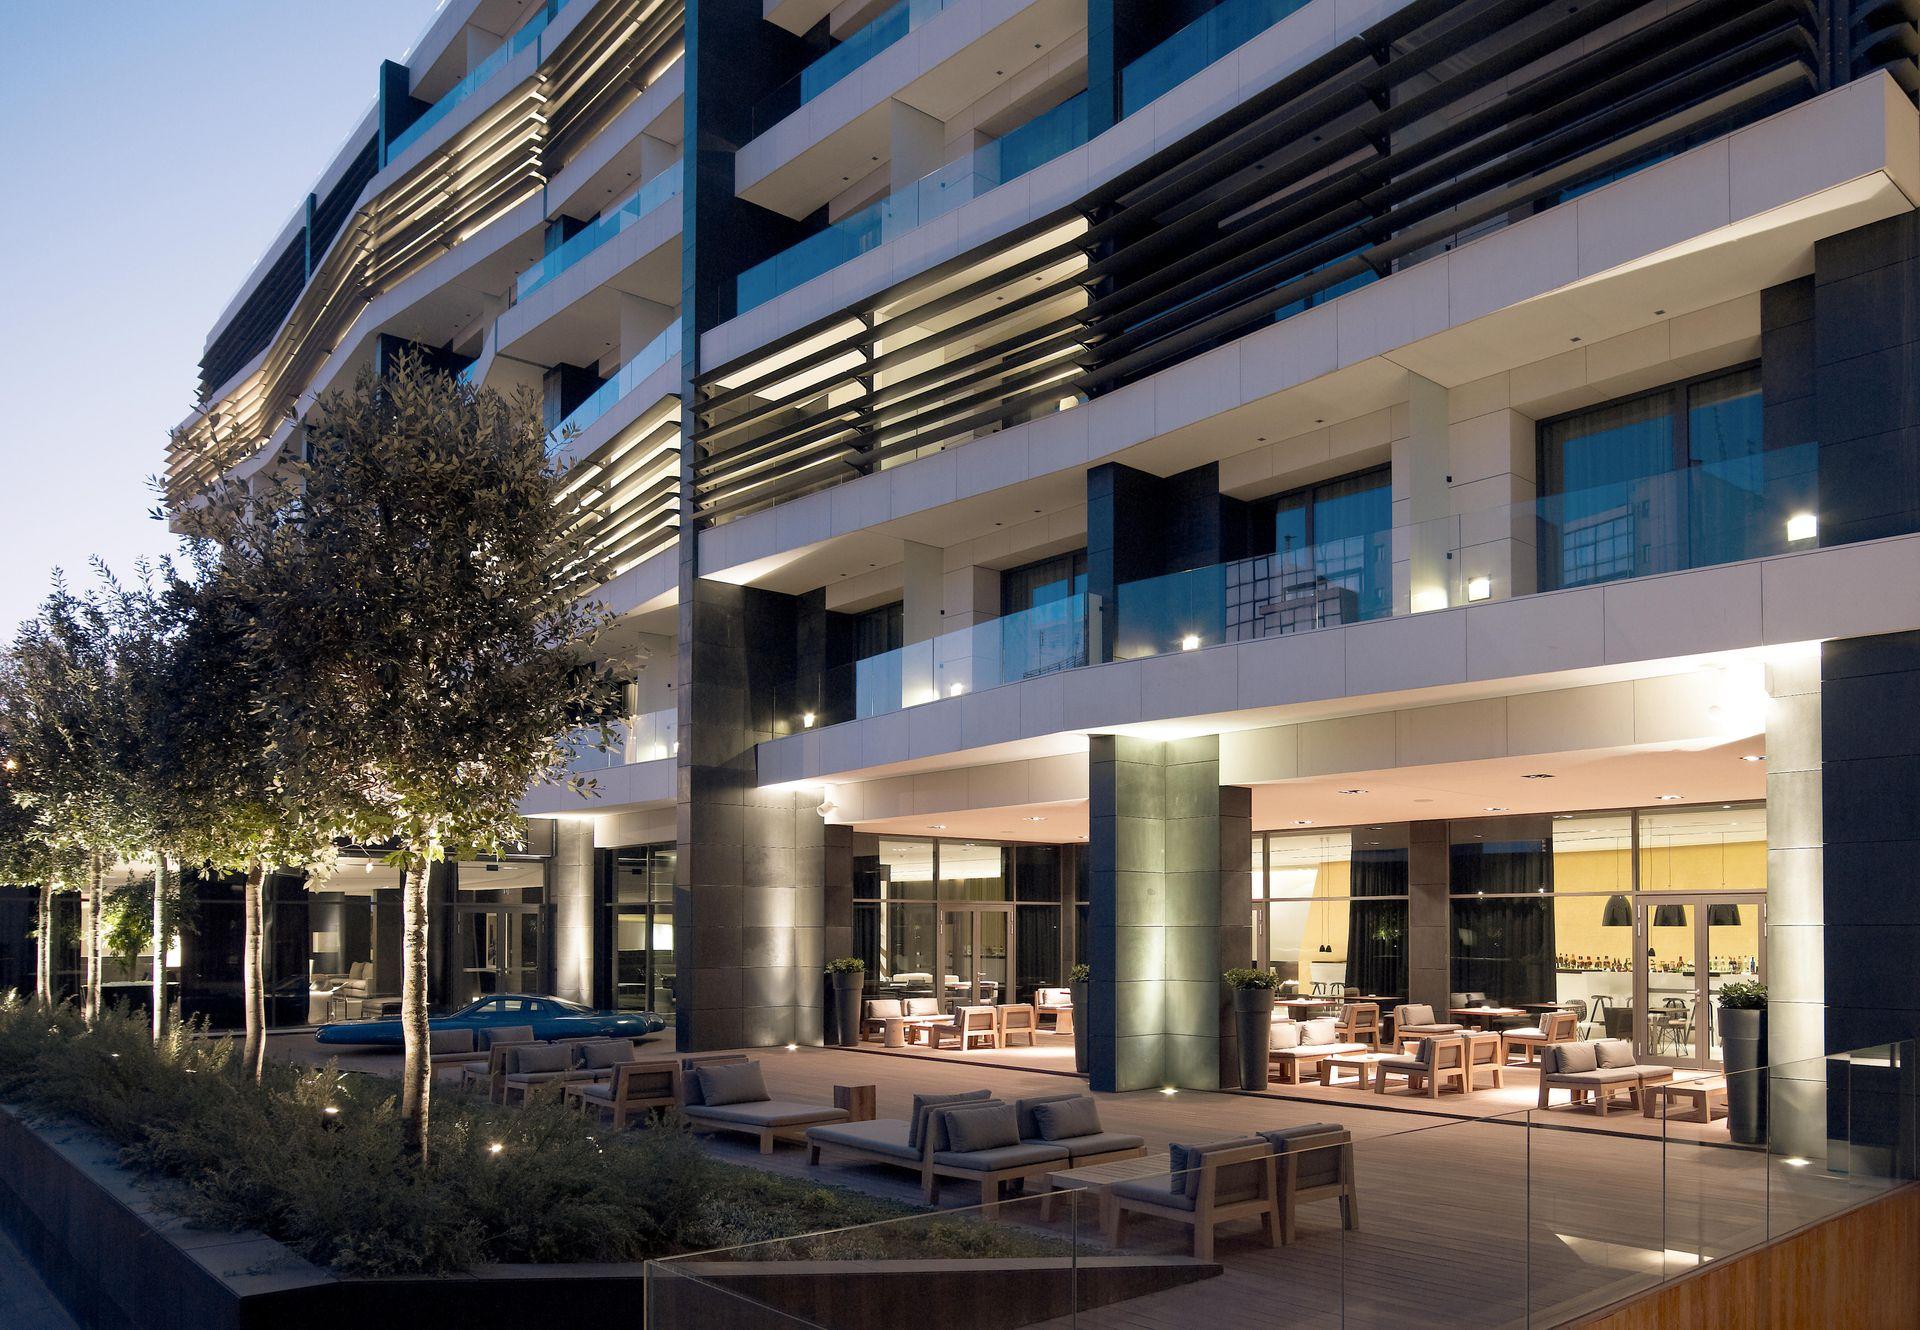 5* The Met Hotel Thessaloniki - Θεσσαλονικη ✦ -15% ✦ 2 Ημερες (1 Διανυκτερευση) ✦ 2 ατομα ✦ Πρωινο ✦ εως 30/04/2020 ✦ Δωρο χαλαρωτικο μασαζ 50 λεπτων ανα ατομο